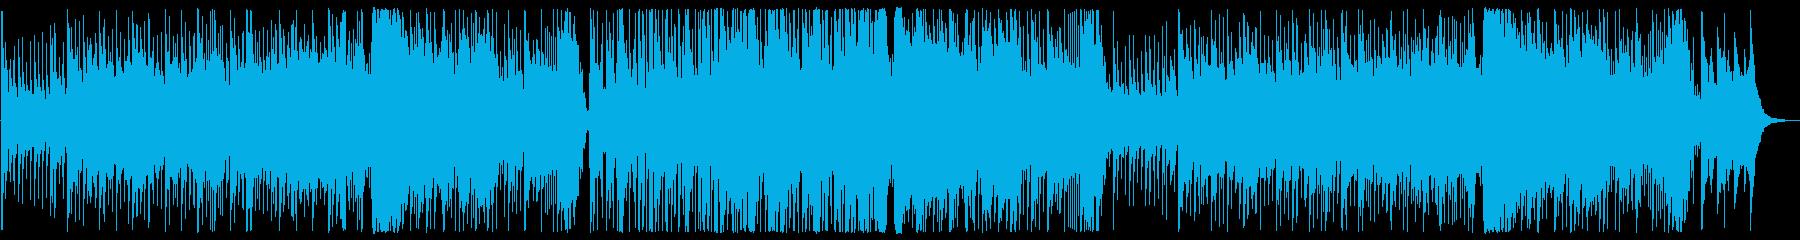 アヴェ・マリア POP remixの再生済みの波形